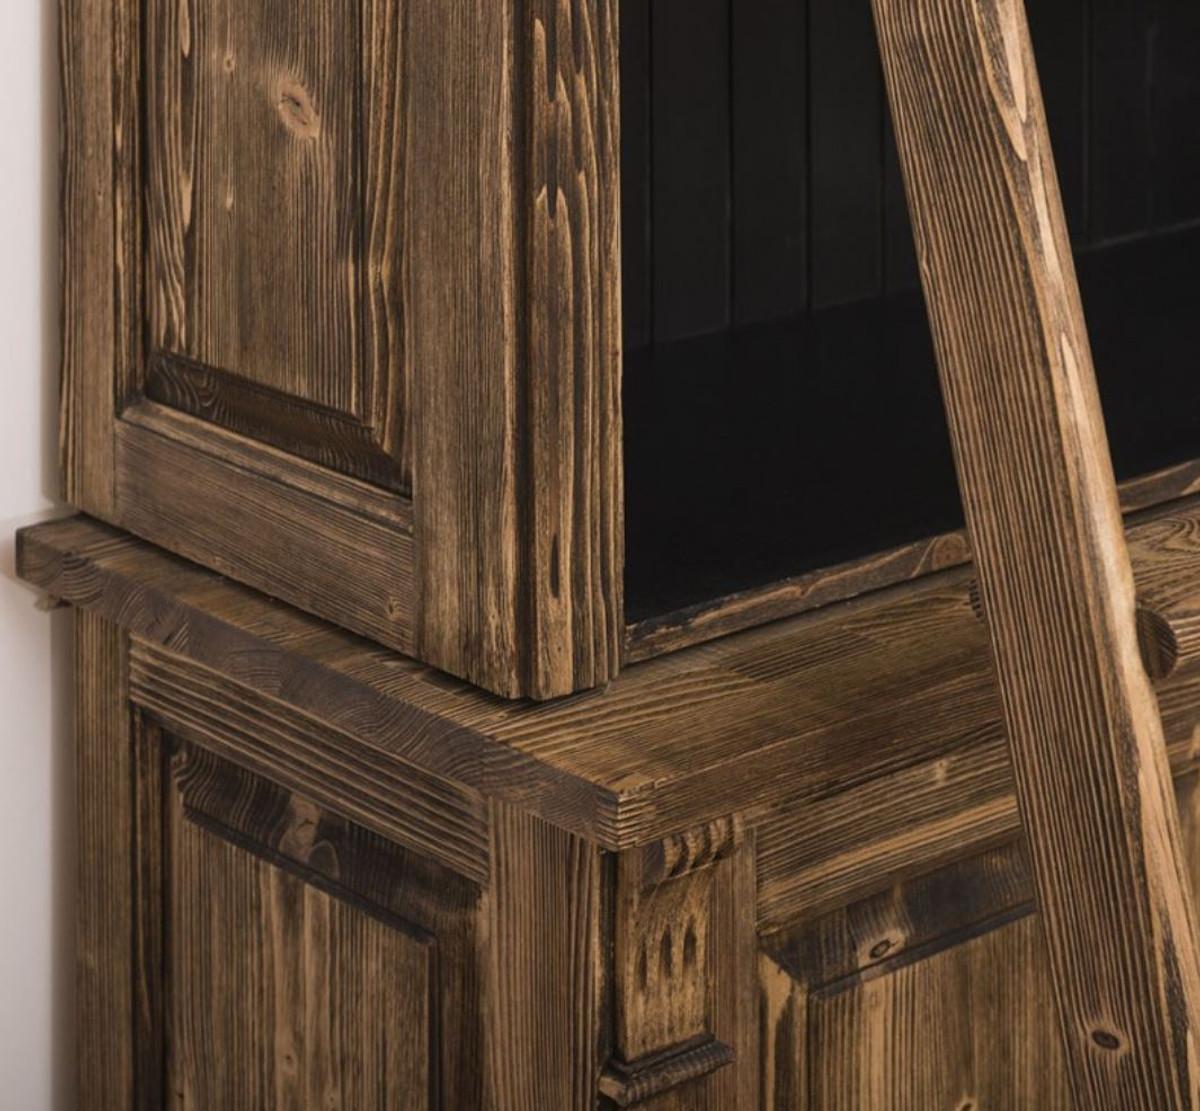 Casa Padrino Landhausstil Bücherschrank mit Leiter Braun / Schwarz 120 x 51 x H. 228 cm - Massivholz Schrank - Regalschrank - Wohnzimmerschrank - Büroschrank - Landhausstil Möbel 3